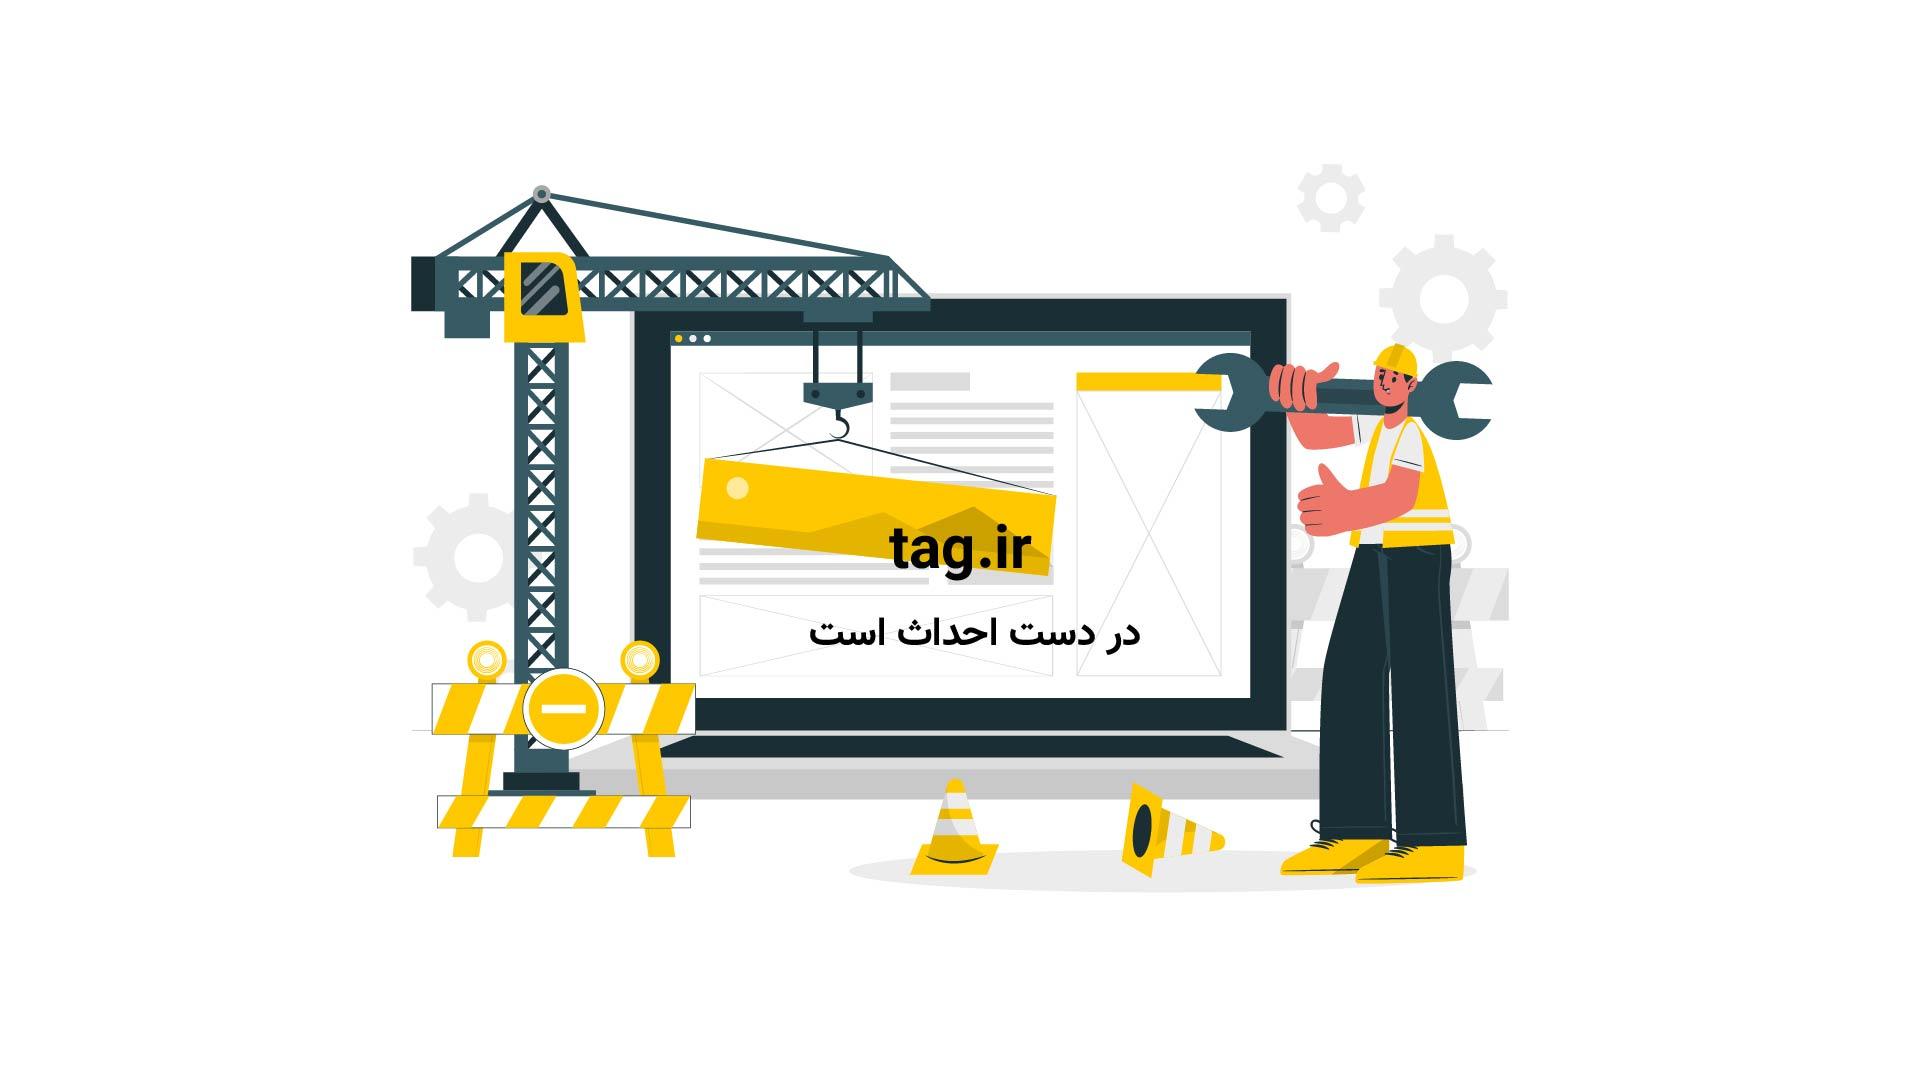 فیلم حرکات نمایشی با موتور سیکلت